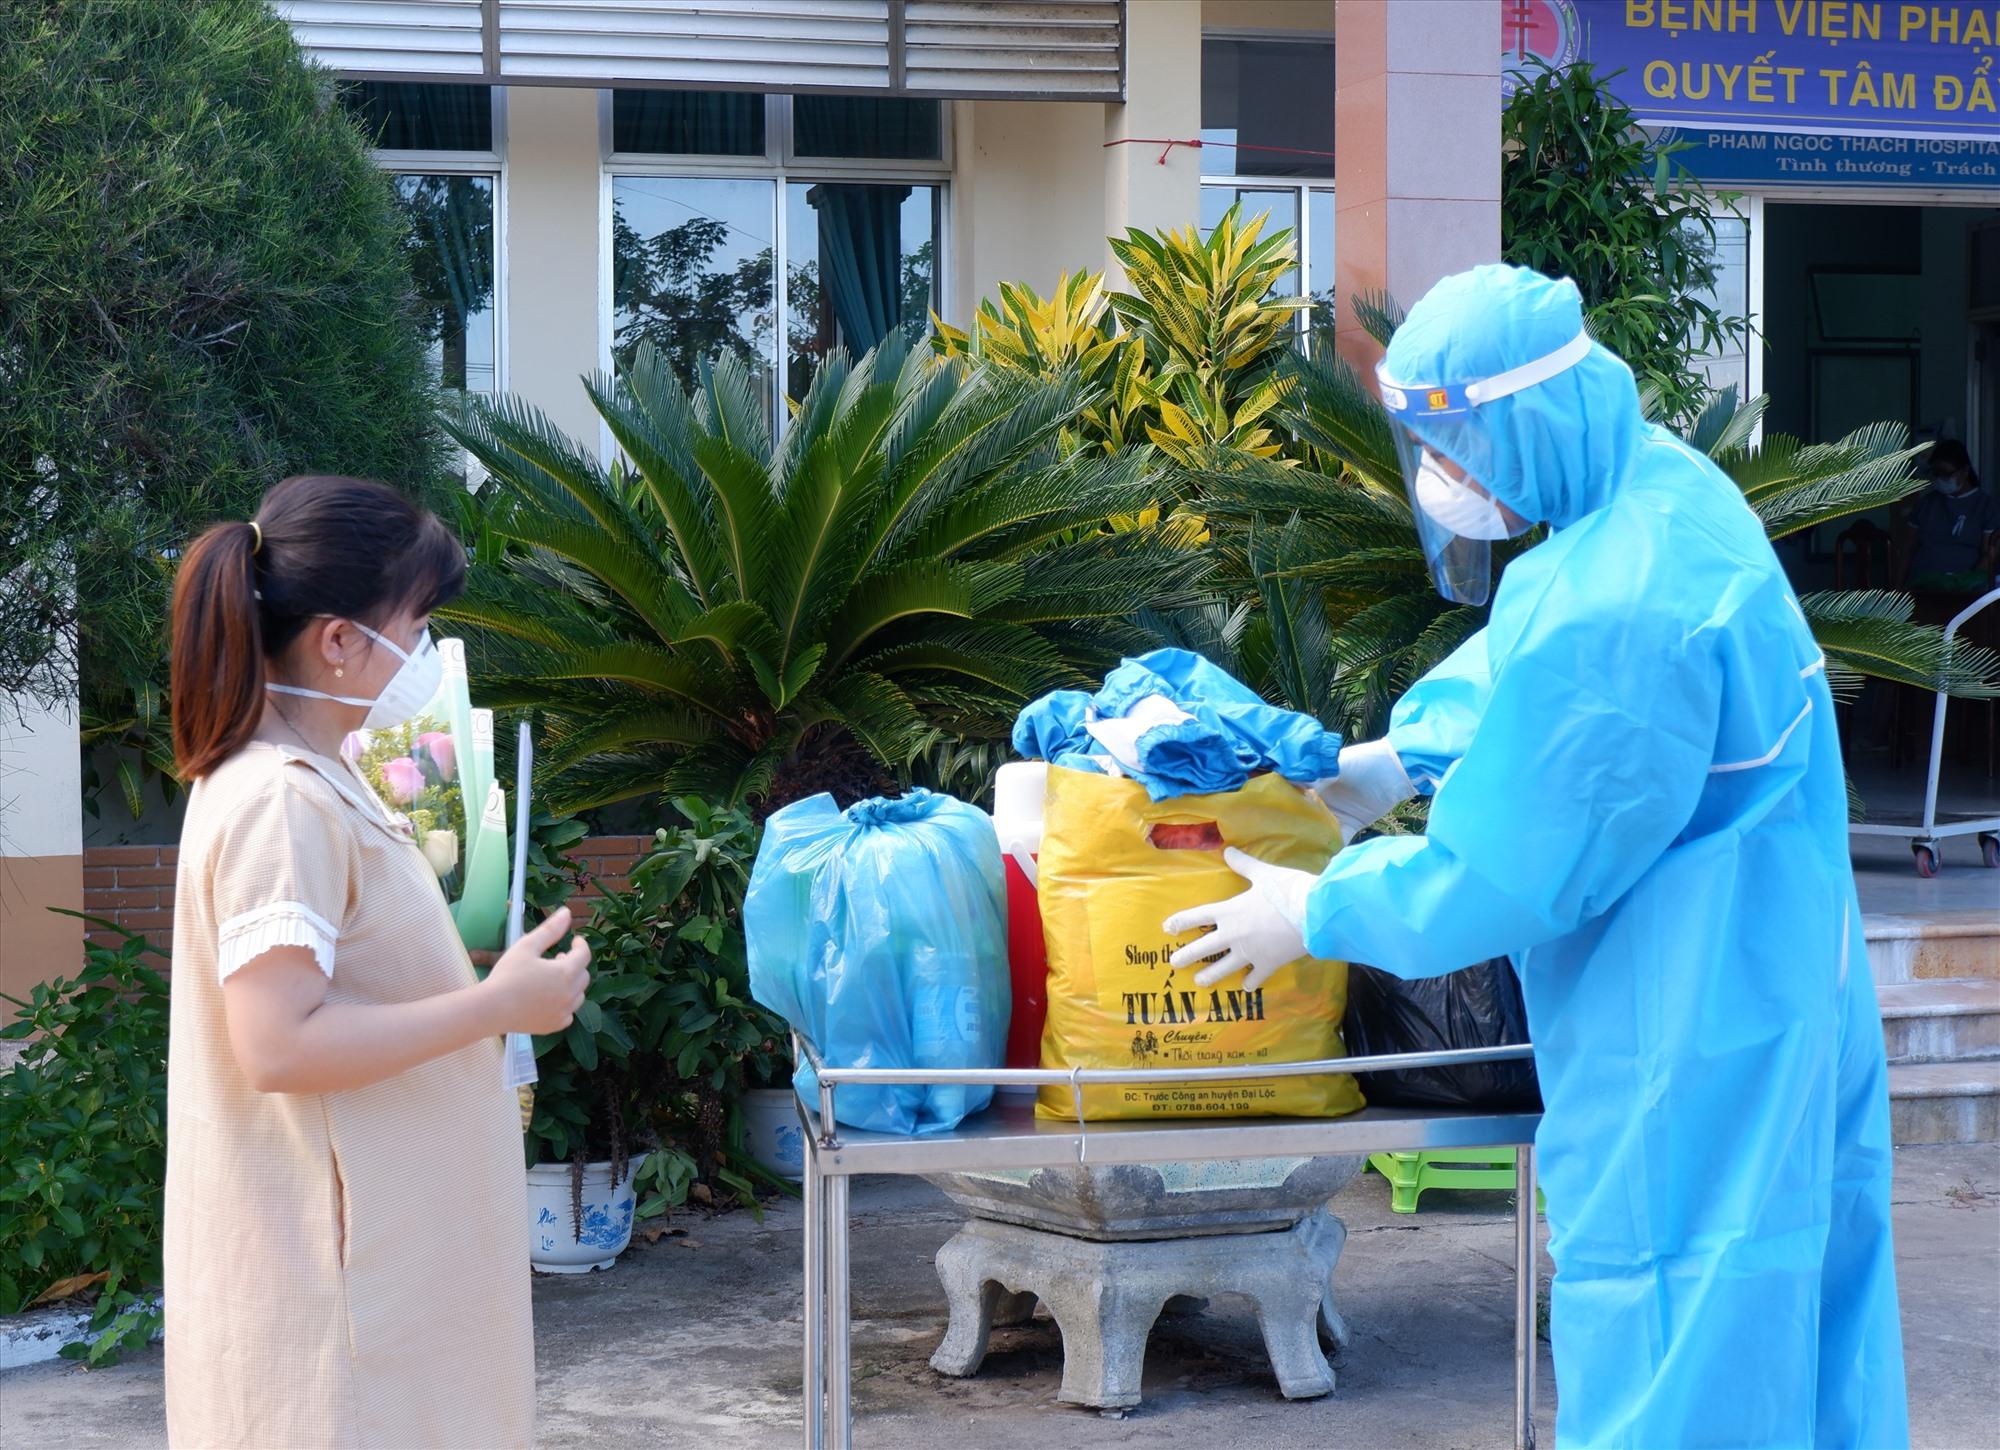 Nhân viên y tế vất vả và chịu nhiều áp lực trong thời điểm dịch bệnh. Ảnh: X.H